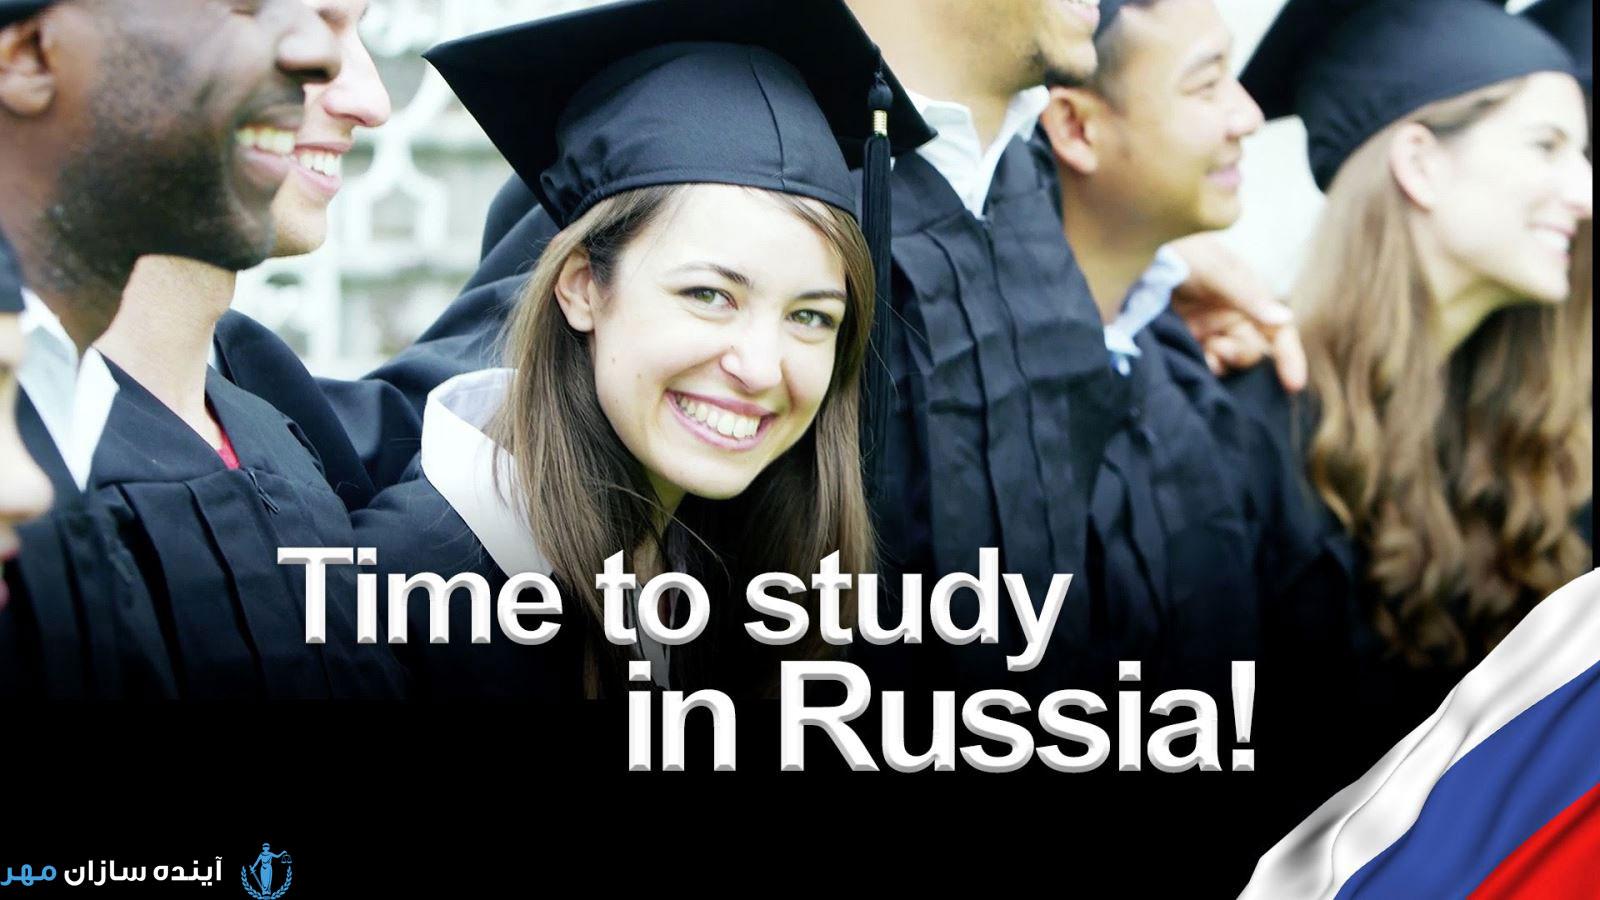 مهاجرت به روسیه برای تحصیل